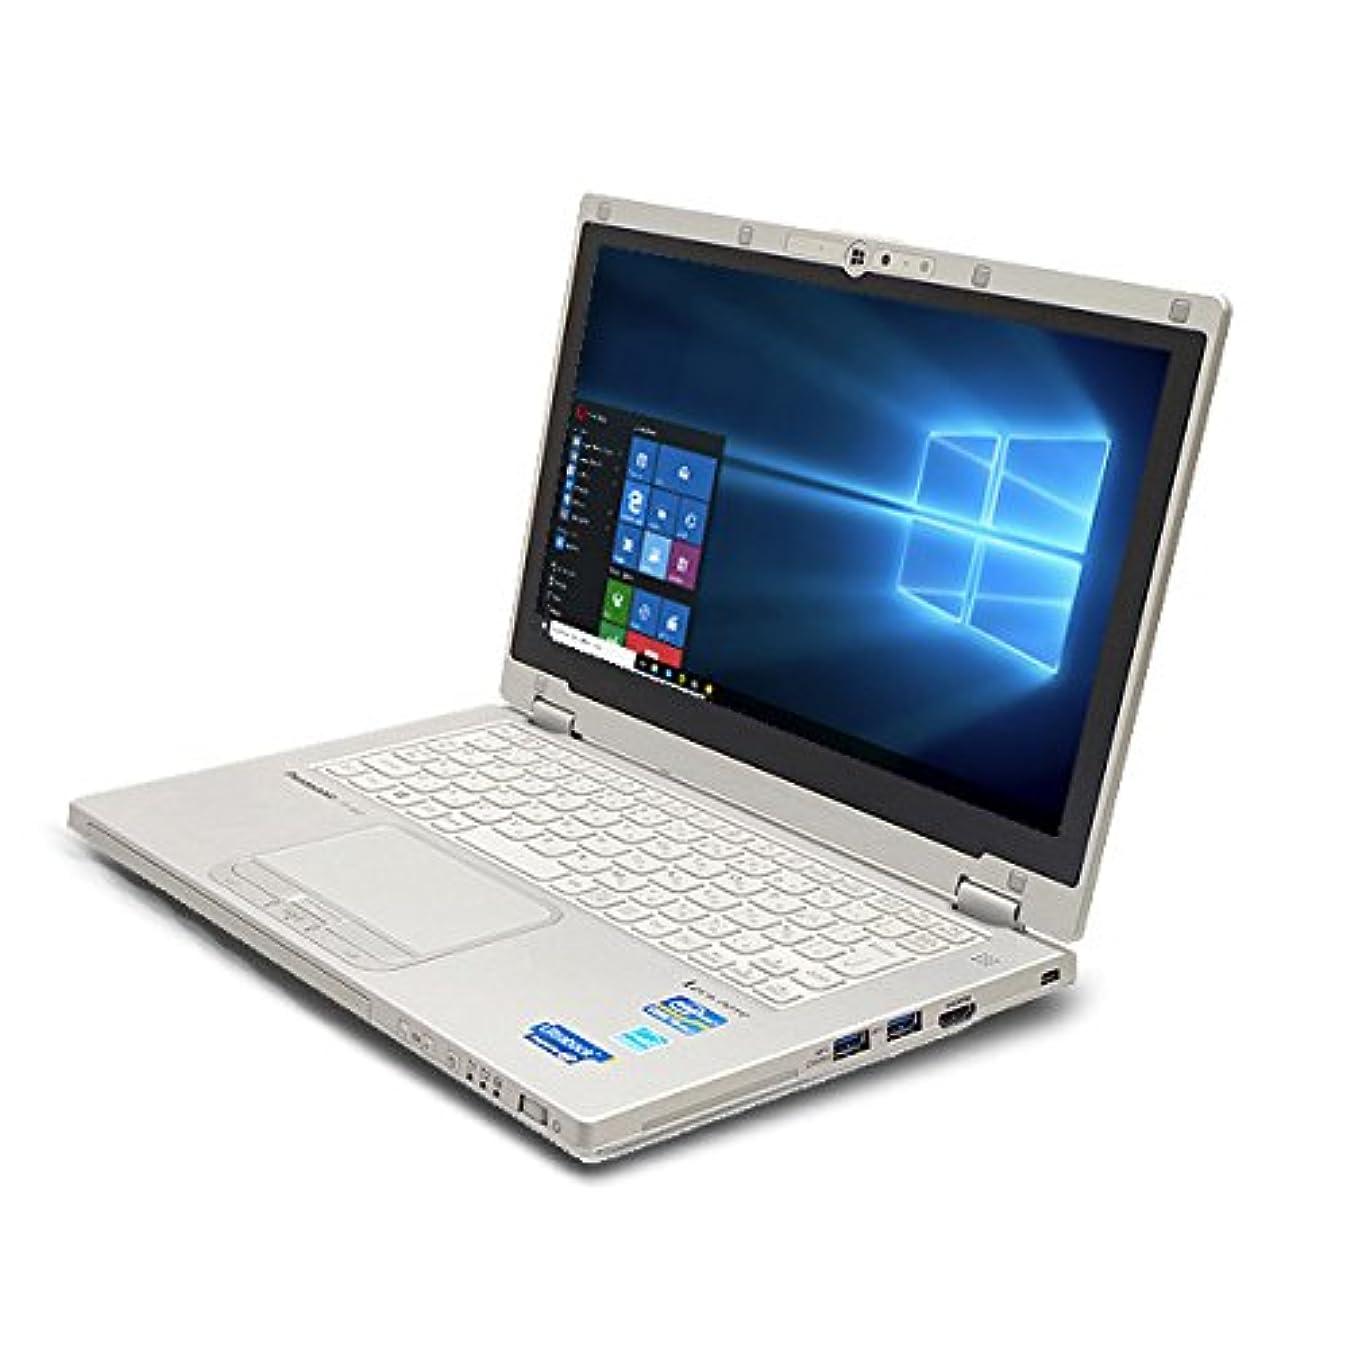 折攻撃的剪断ノートパソコン 中古 Panasonic Let'snote CF-AX2シリーズ Core i5 4GBメモリ 11.6インチ Windows10 MicrosoftOffice2007